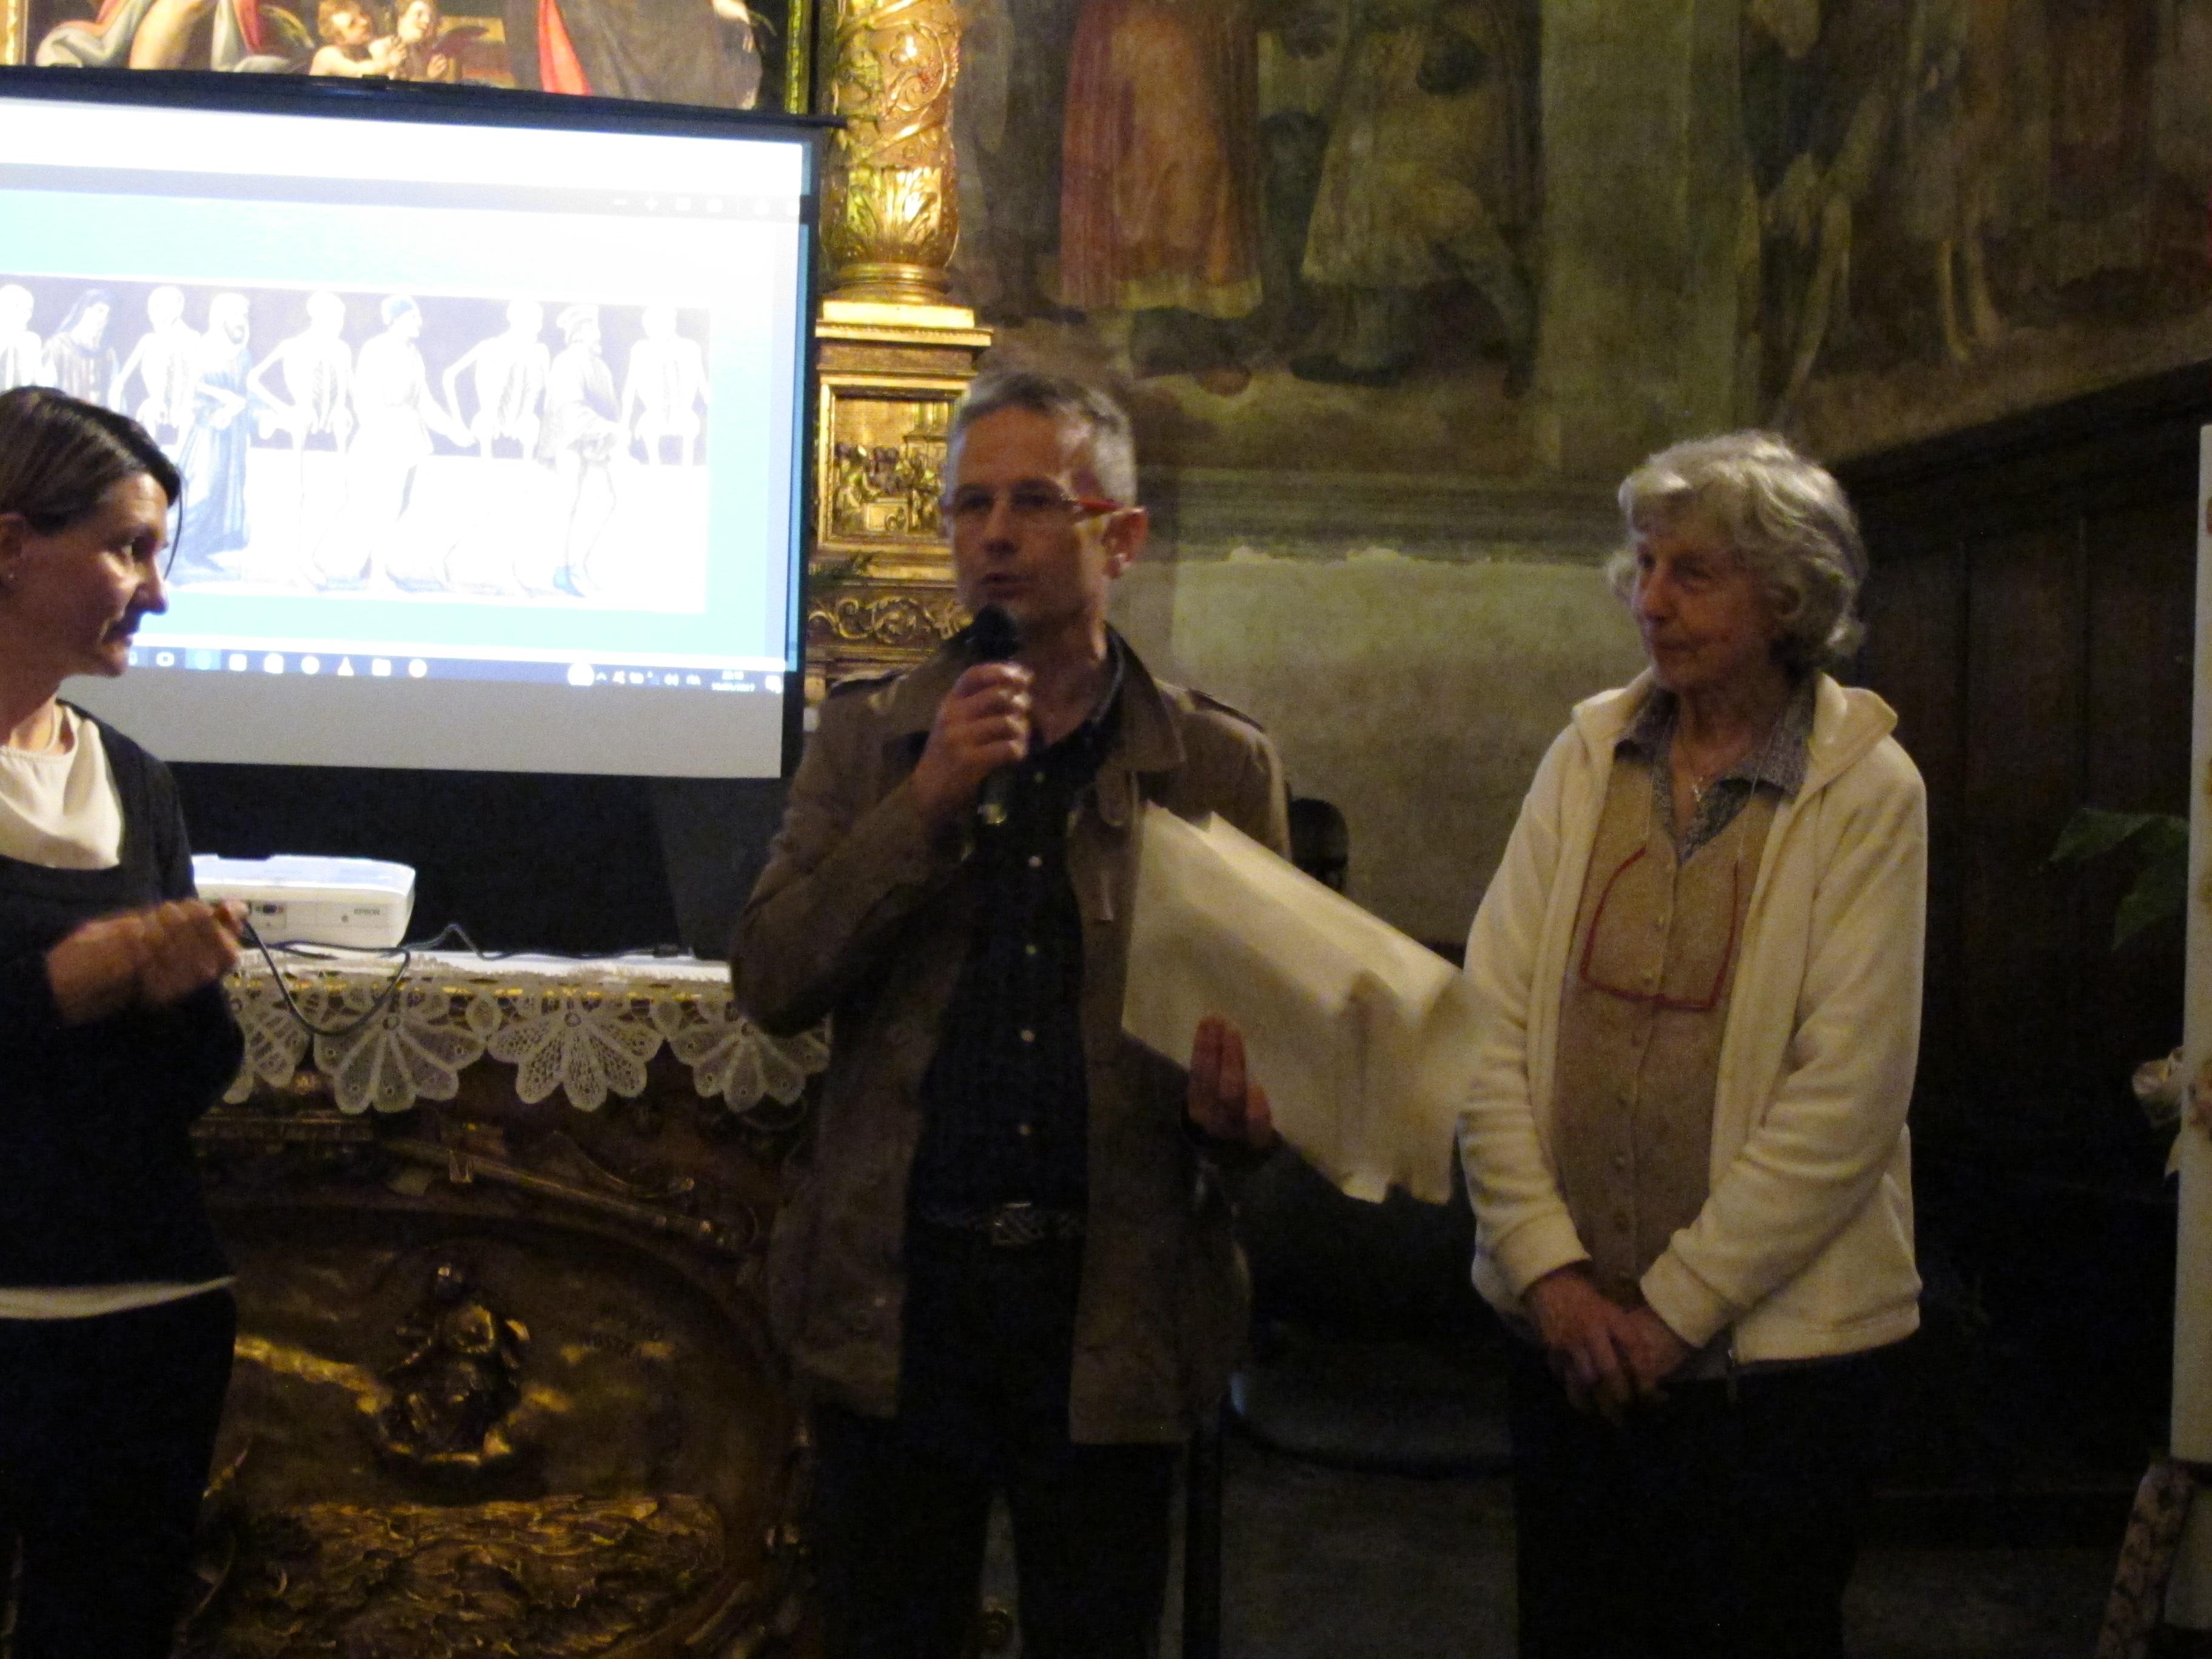 14_presentazione senza Misericordia di Chiara Frugoni_Bienno